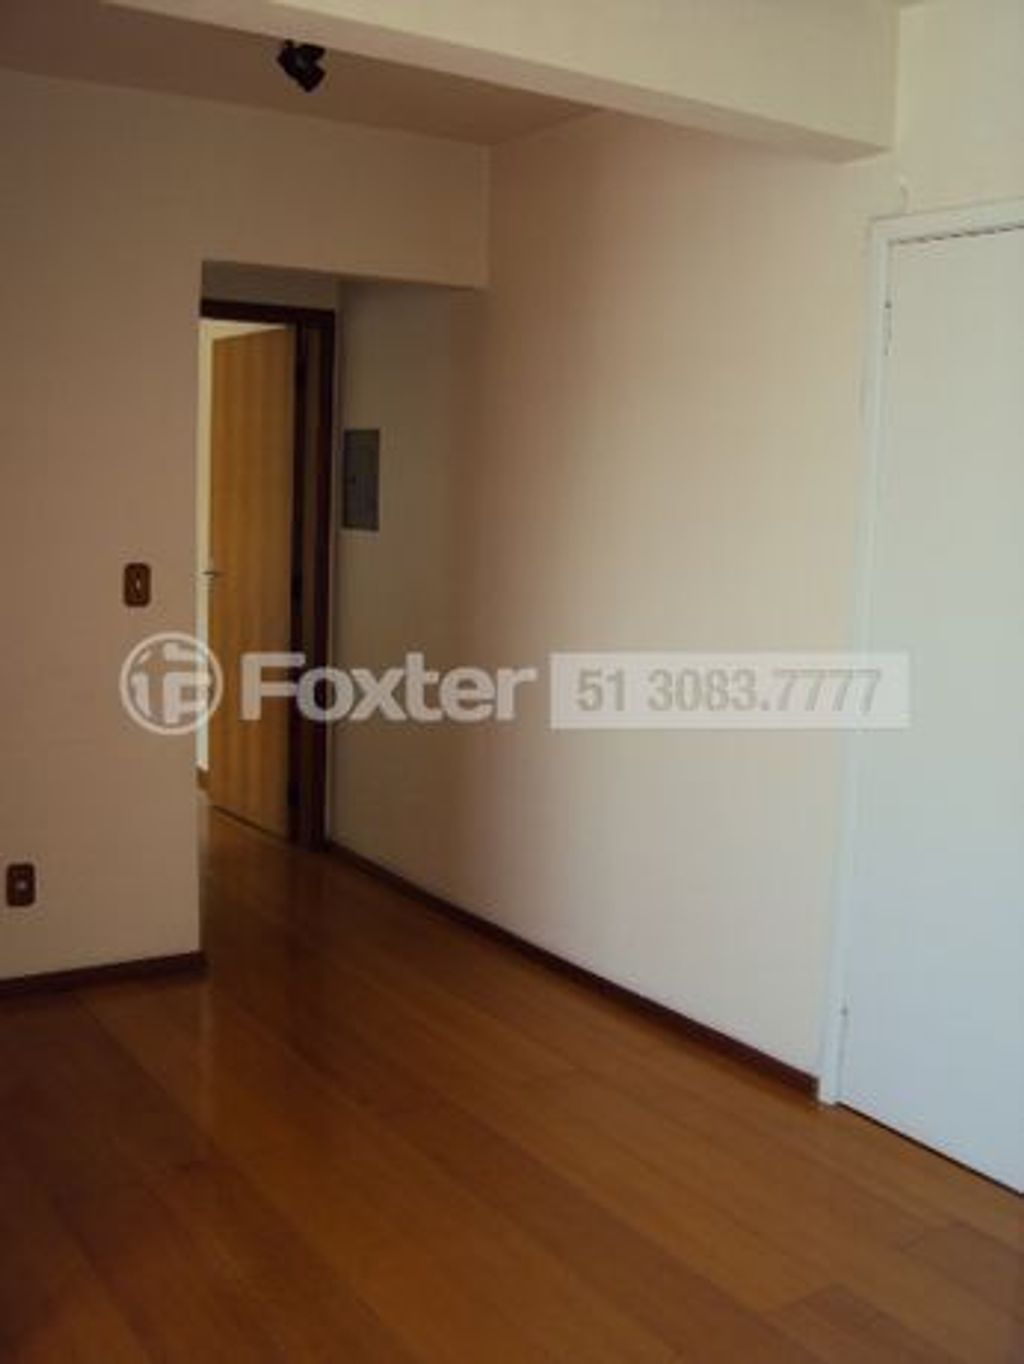 Foxter Imobiliária - Apto 1 Dorm, Azenha (134511) - Foto 3